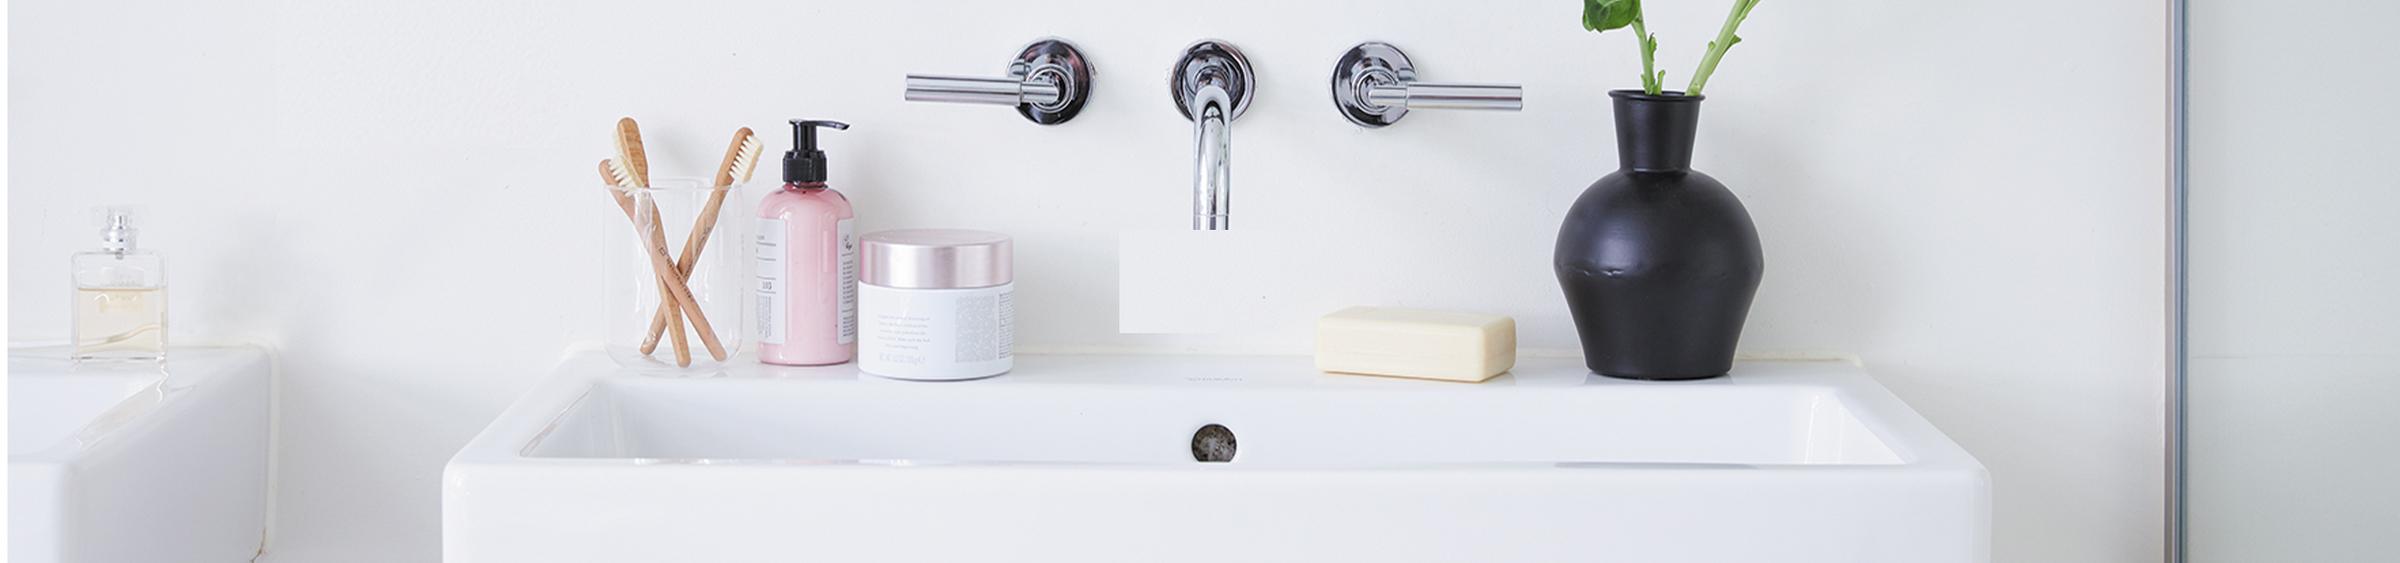 Snelle schoonmaaktips voor de badkamer - Snelle schoonmaaktips voor de badkamer